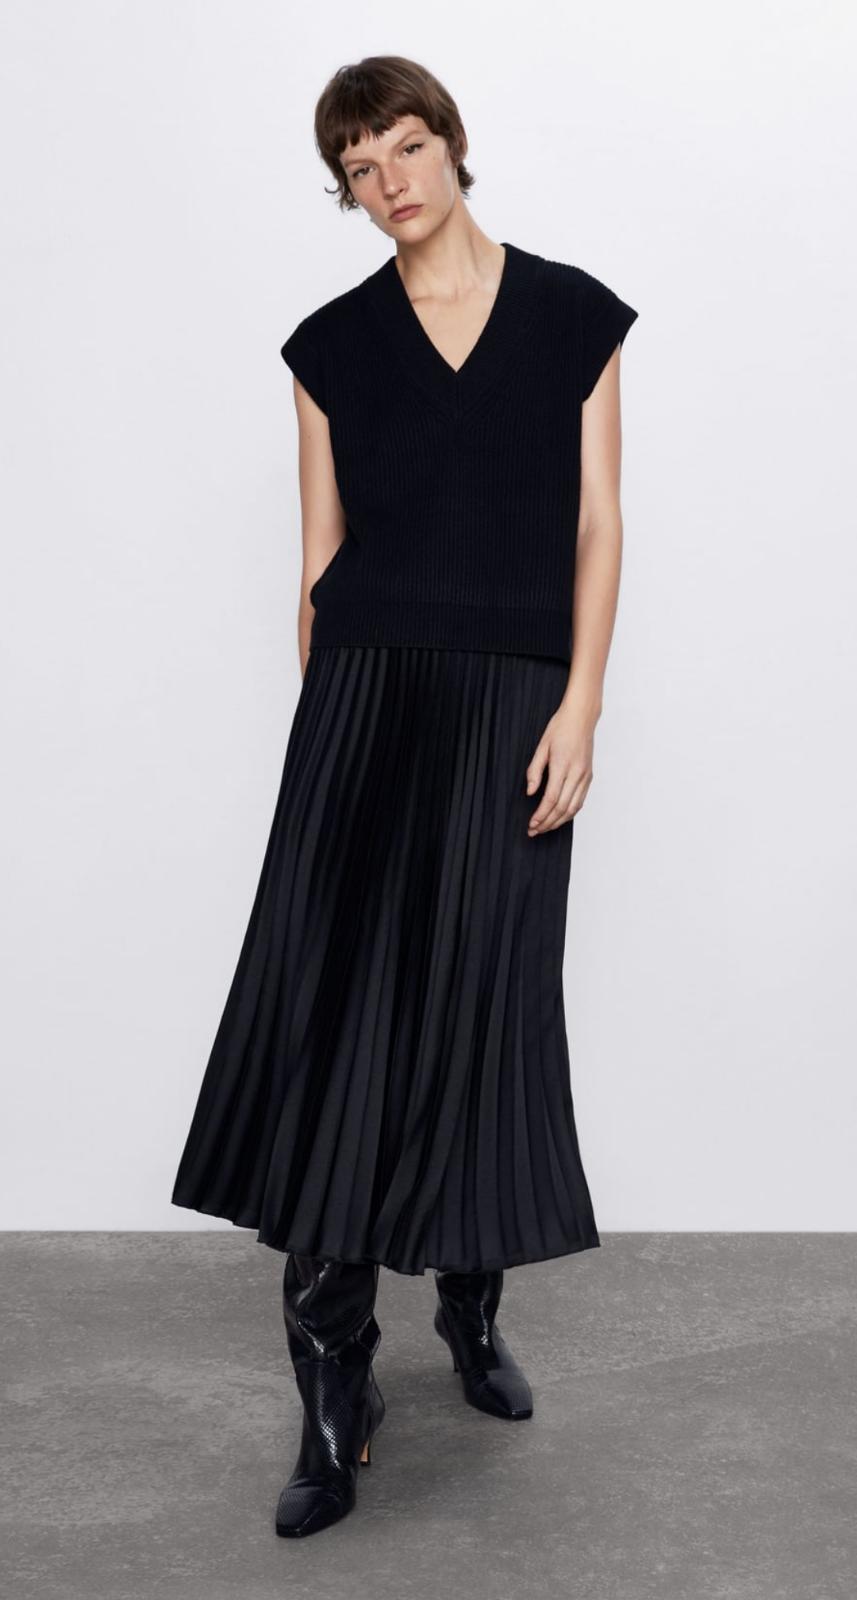 Falda midi de tiro alto con cintura elástica color negro 25'95€